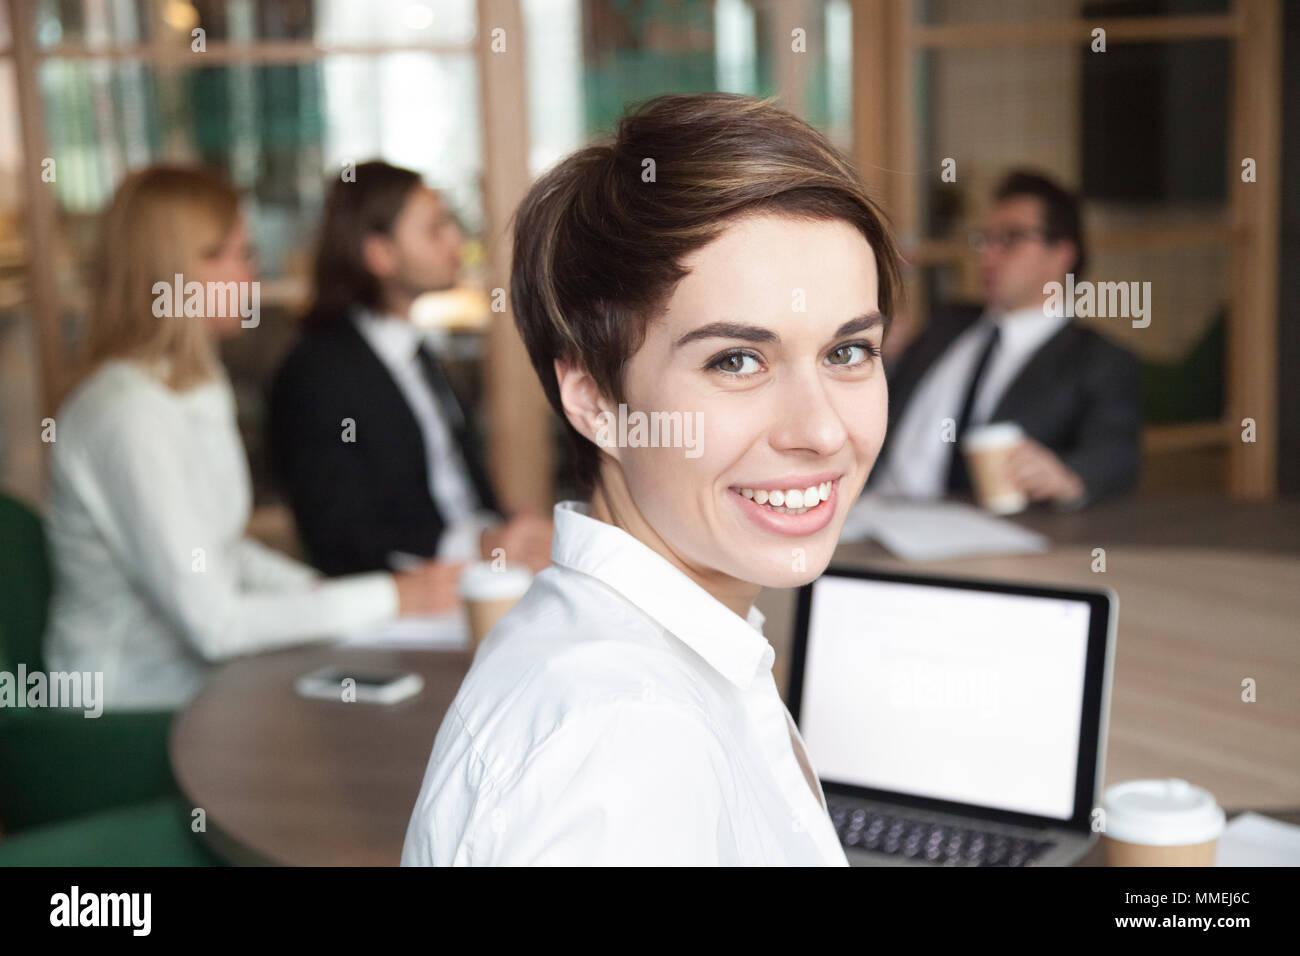 Intérprete profesional empresaria sonriendo mirando a la cámara Imagen De Stock